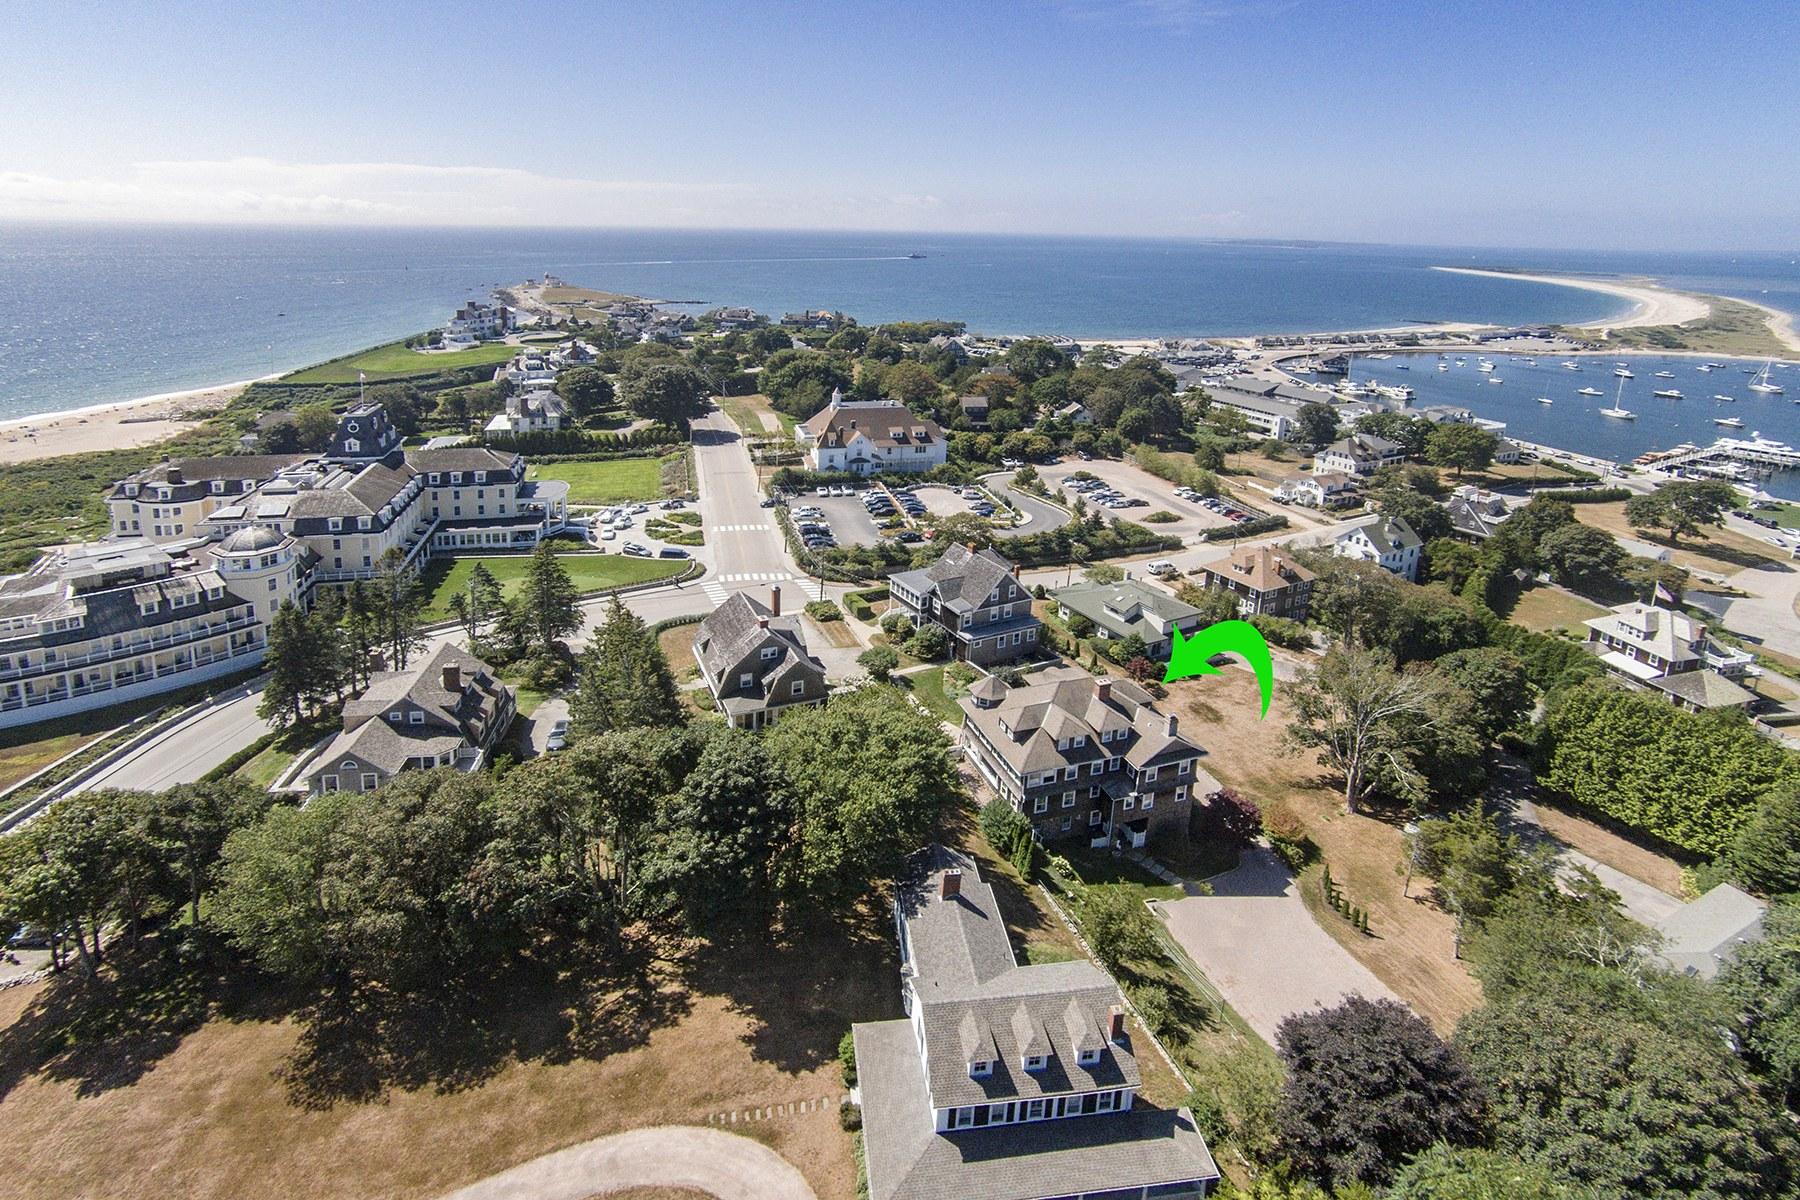 独户住宅 为 销售 在 20 Plimpton Rd, Westerly, RI 韦斯特利, 罗得岛, 02891 美国